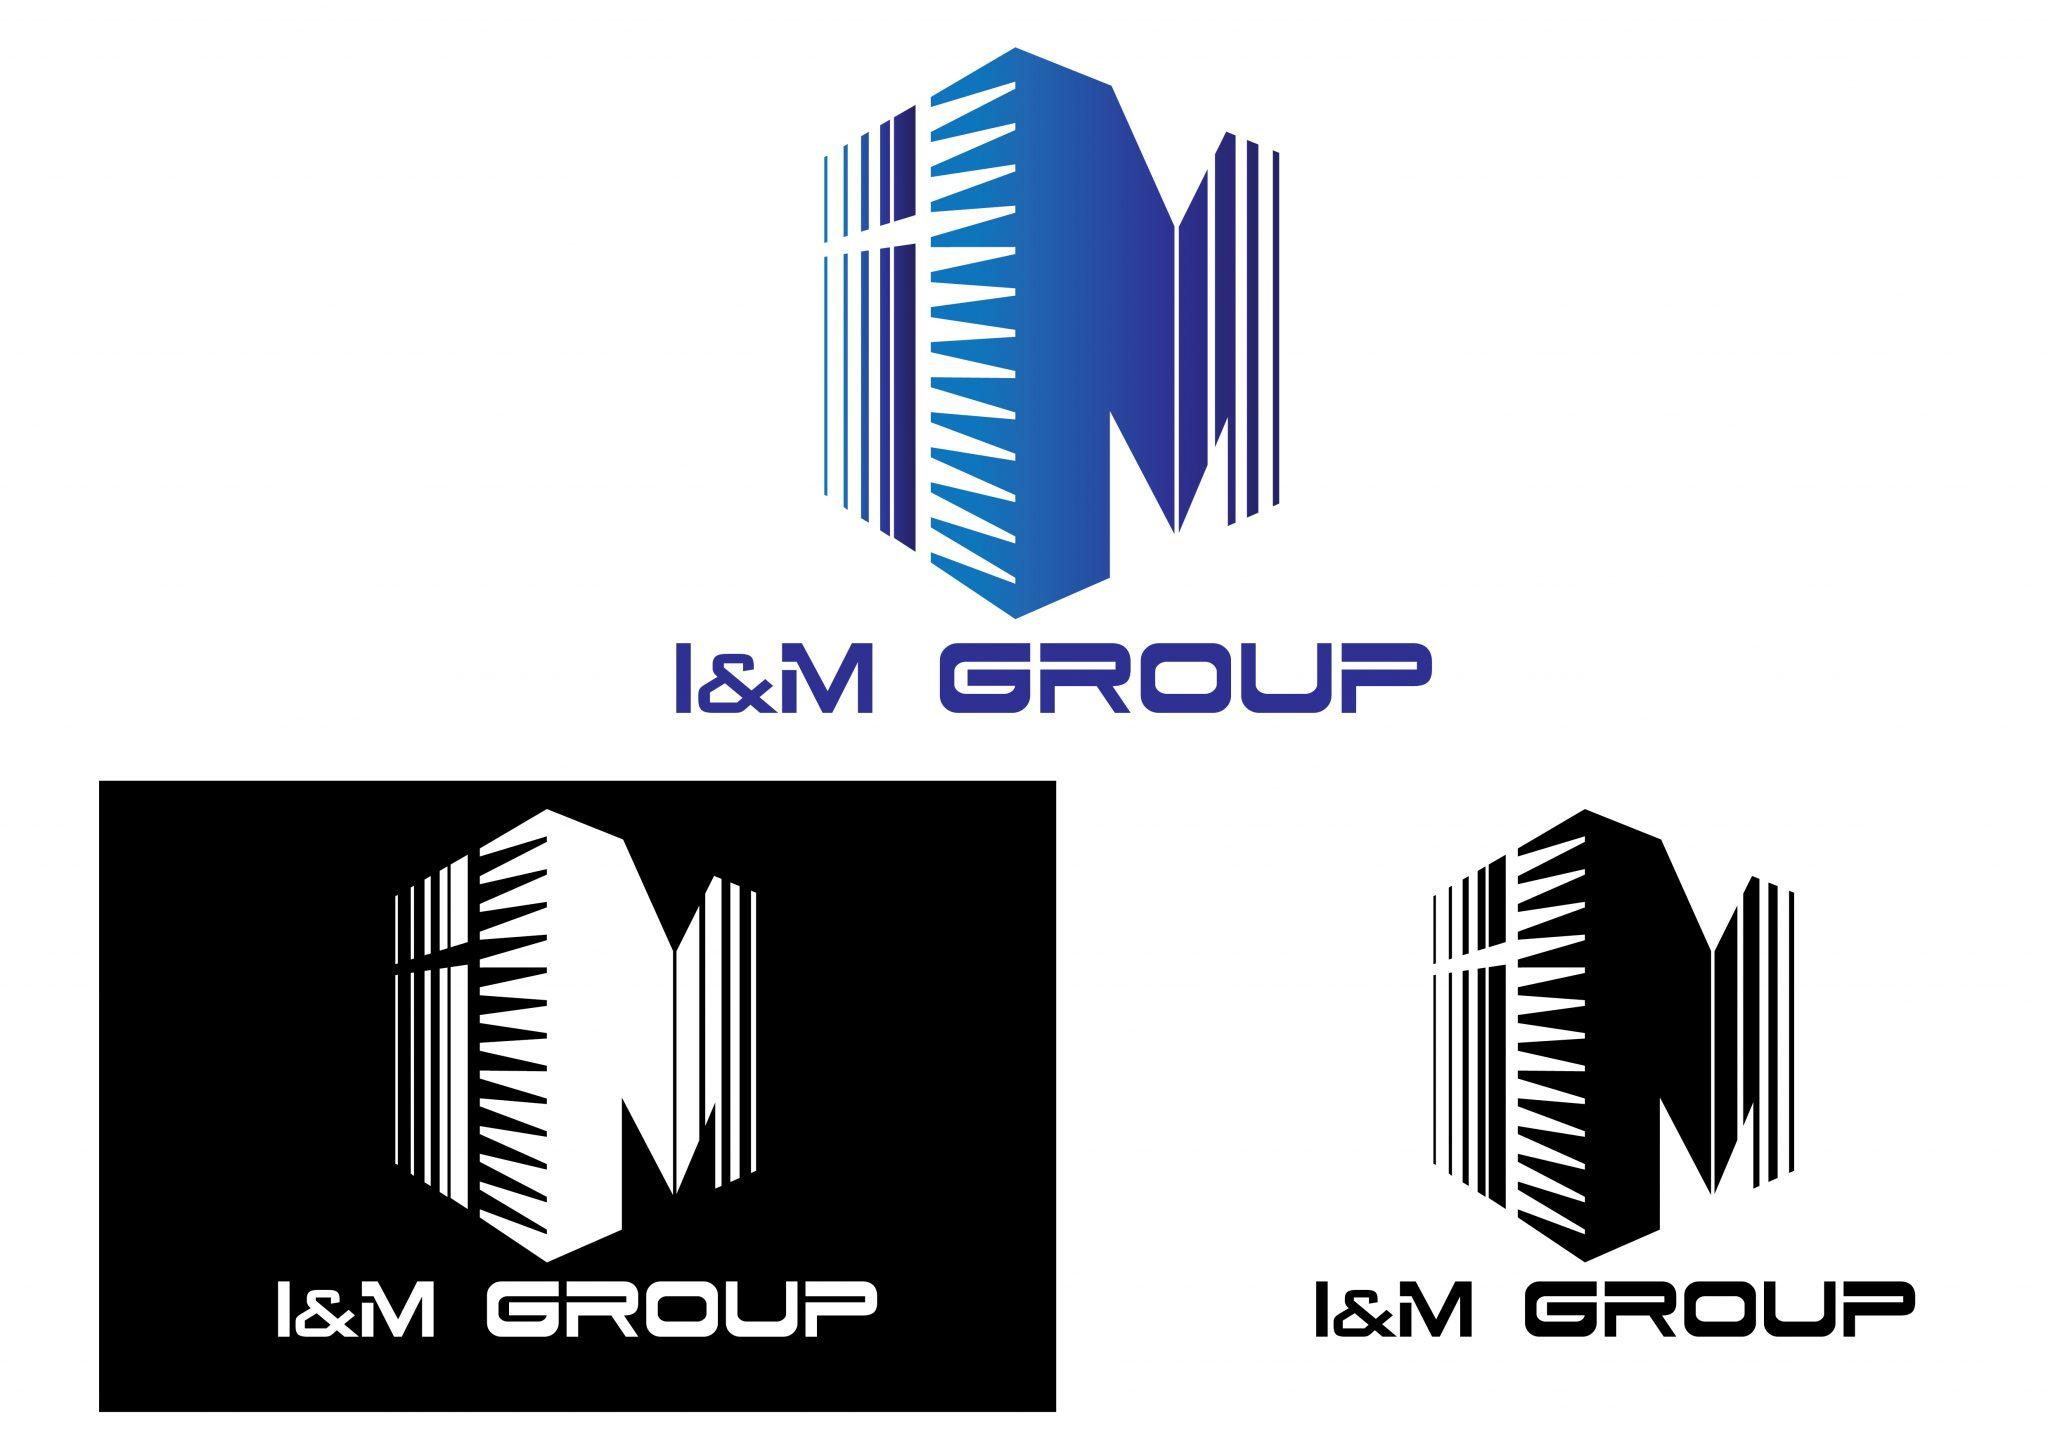 Grafichen dizain - I&M Group Logo